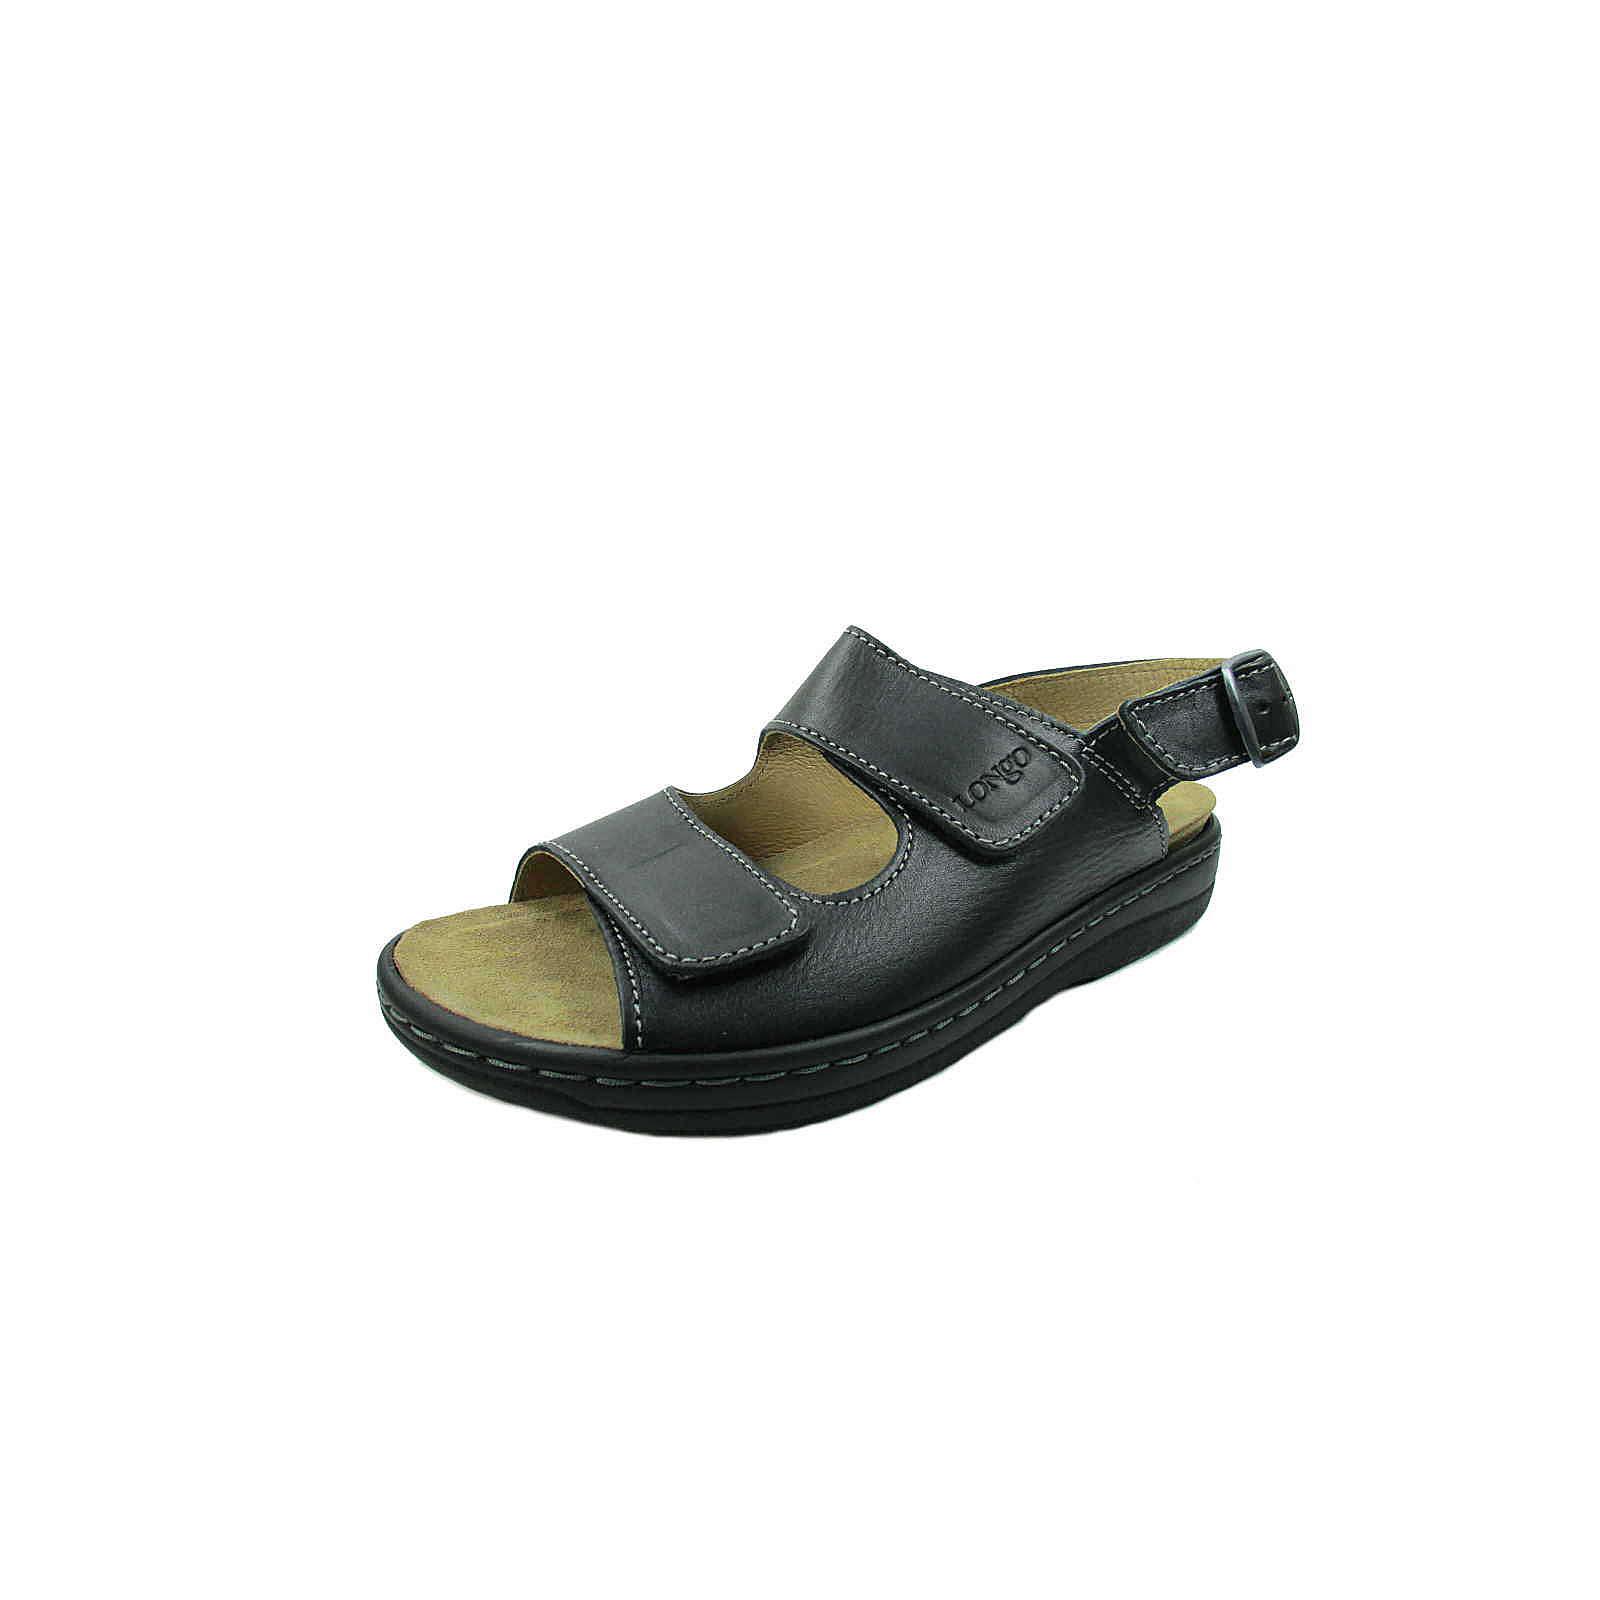 Longo Komfort-Sandalen schwarz Herren Gr. 46